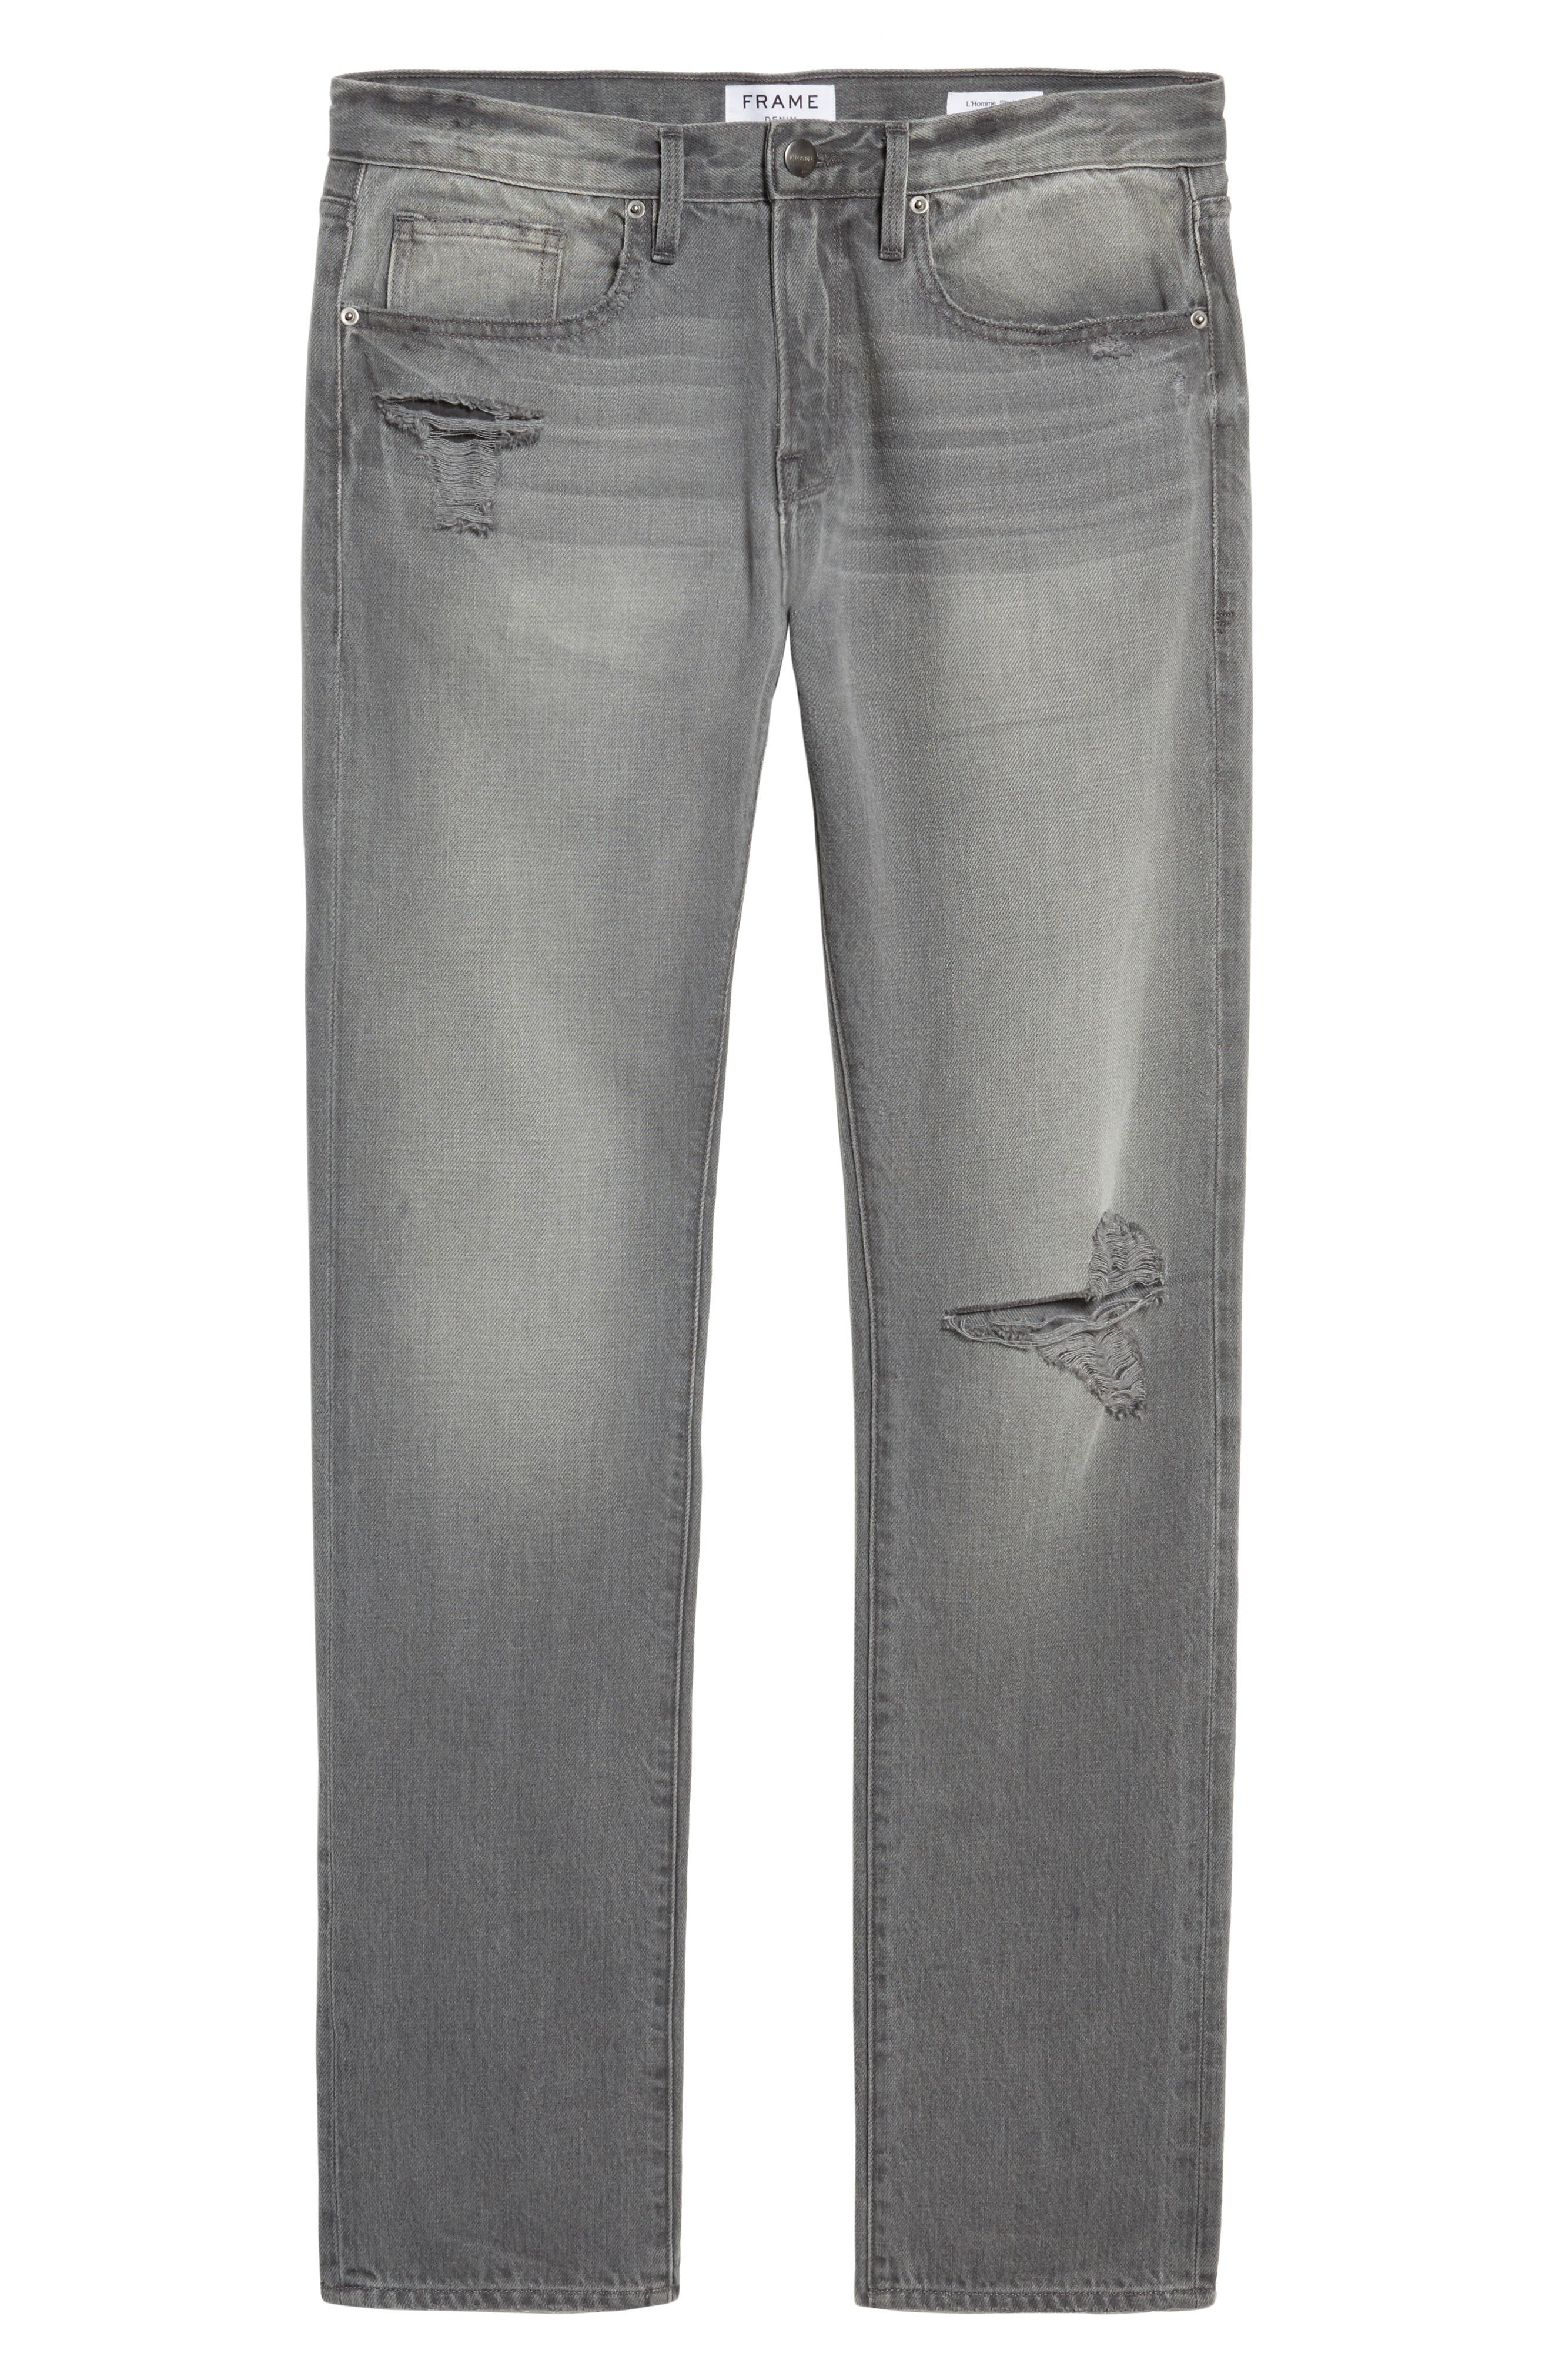 L'Homme Slim Fit Jeans,                             Alternate thumbnail 6, color,                             Grey Fox